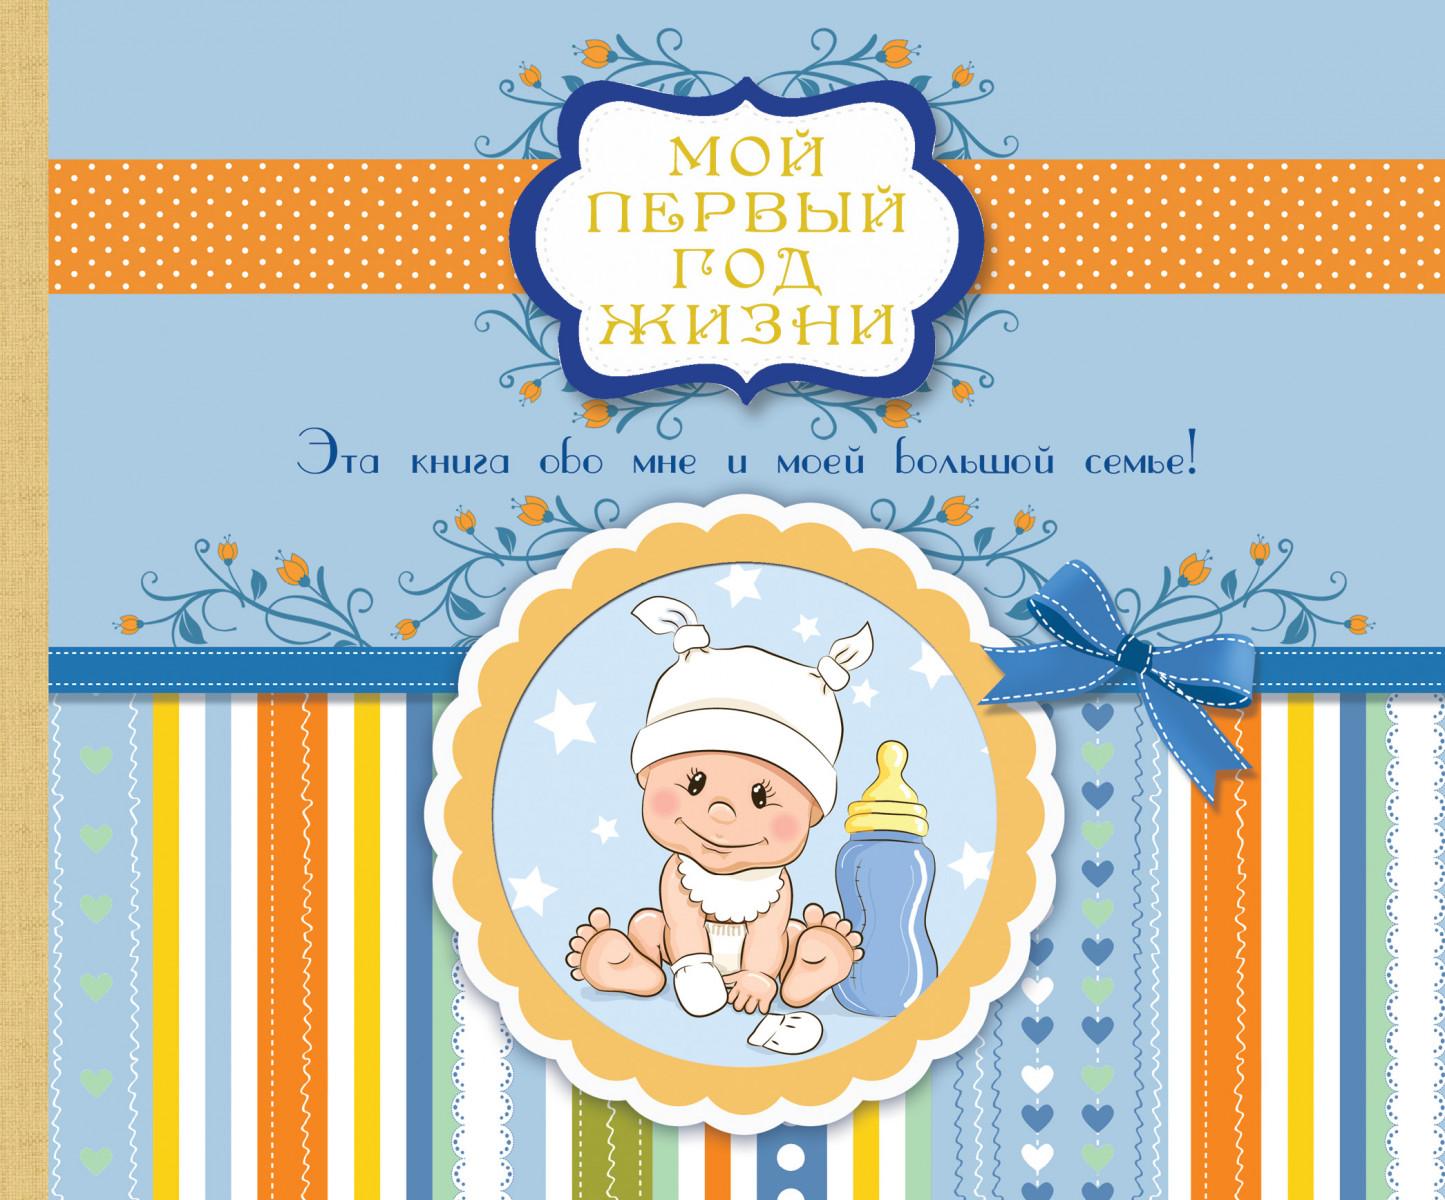 Купить Мой первый год жизни (голубой), АСТ